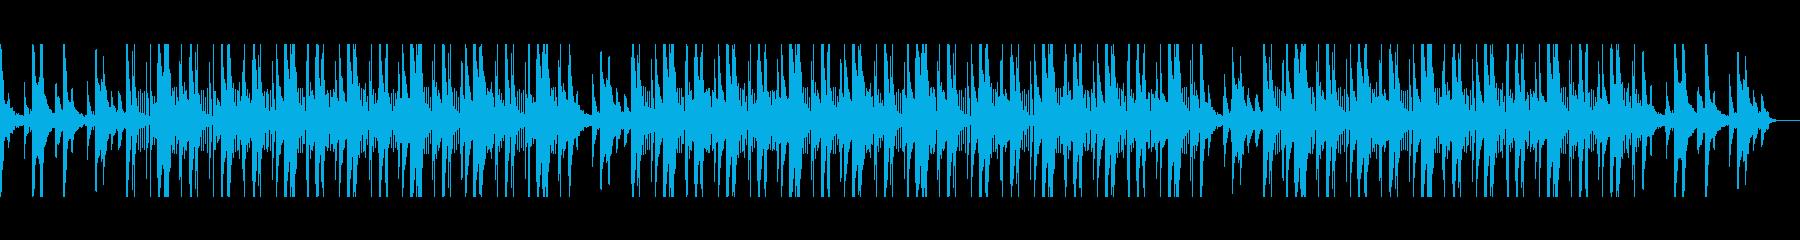 Lofi Hiphop 勉強用 切ないの再生済みの波形